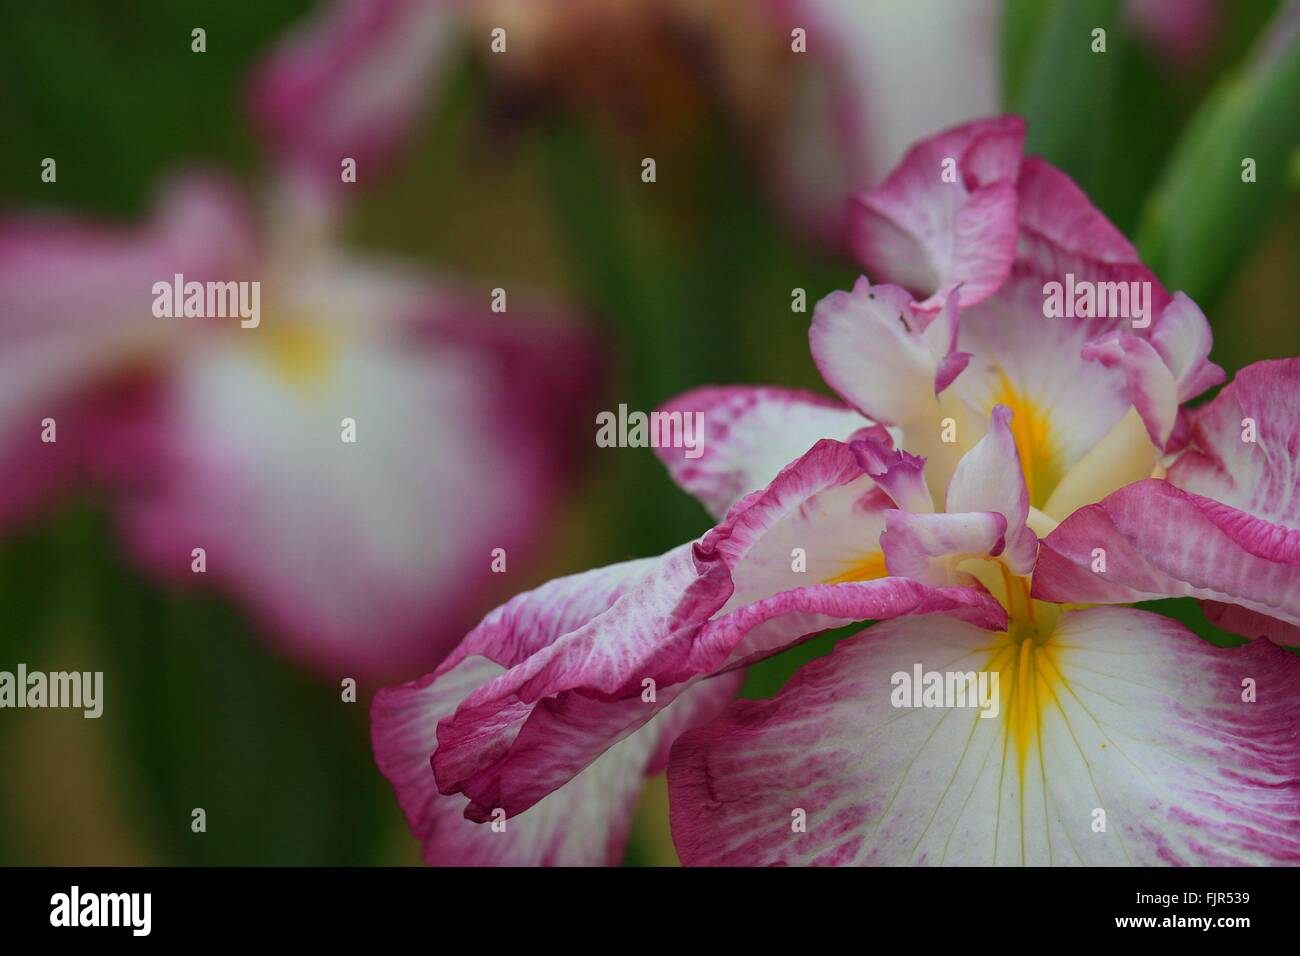 Close up pink iris flower stock photos close up pink iris flower close up of fresh pink iris flowers stock image izmirmasajfo